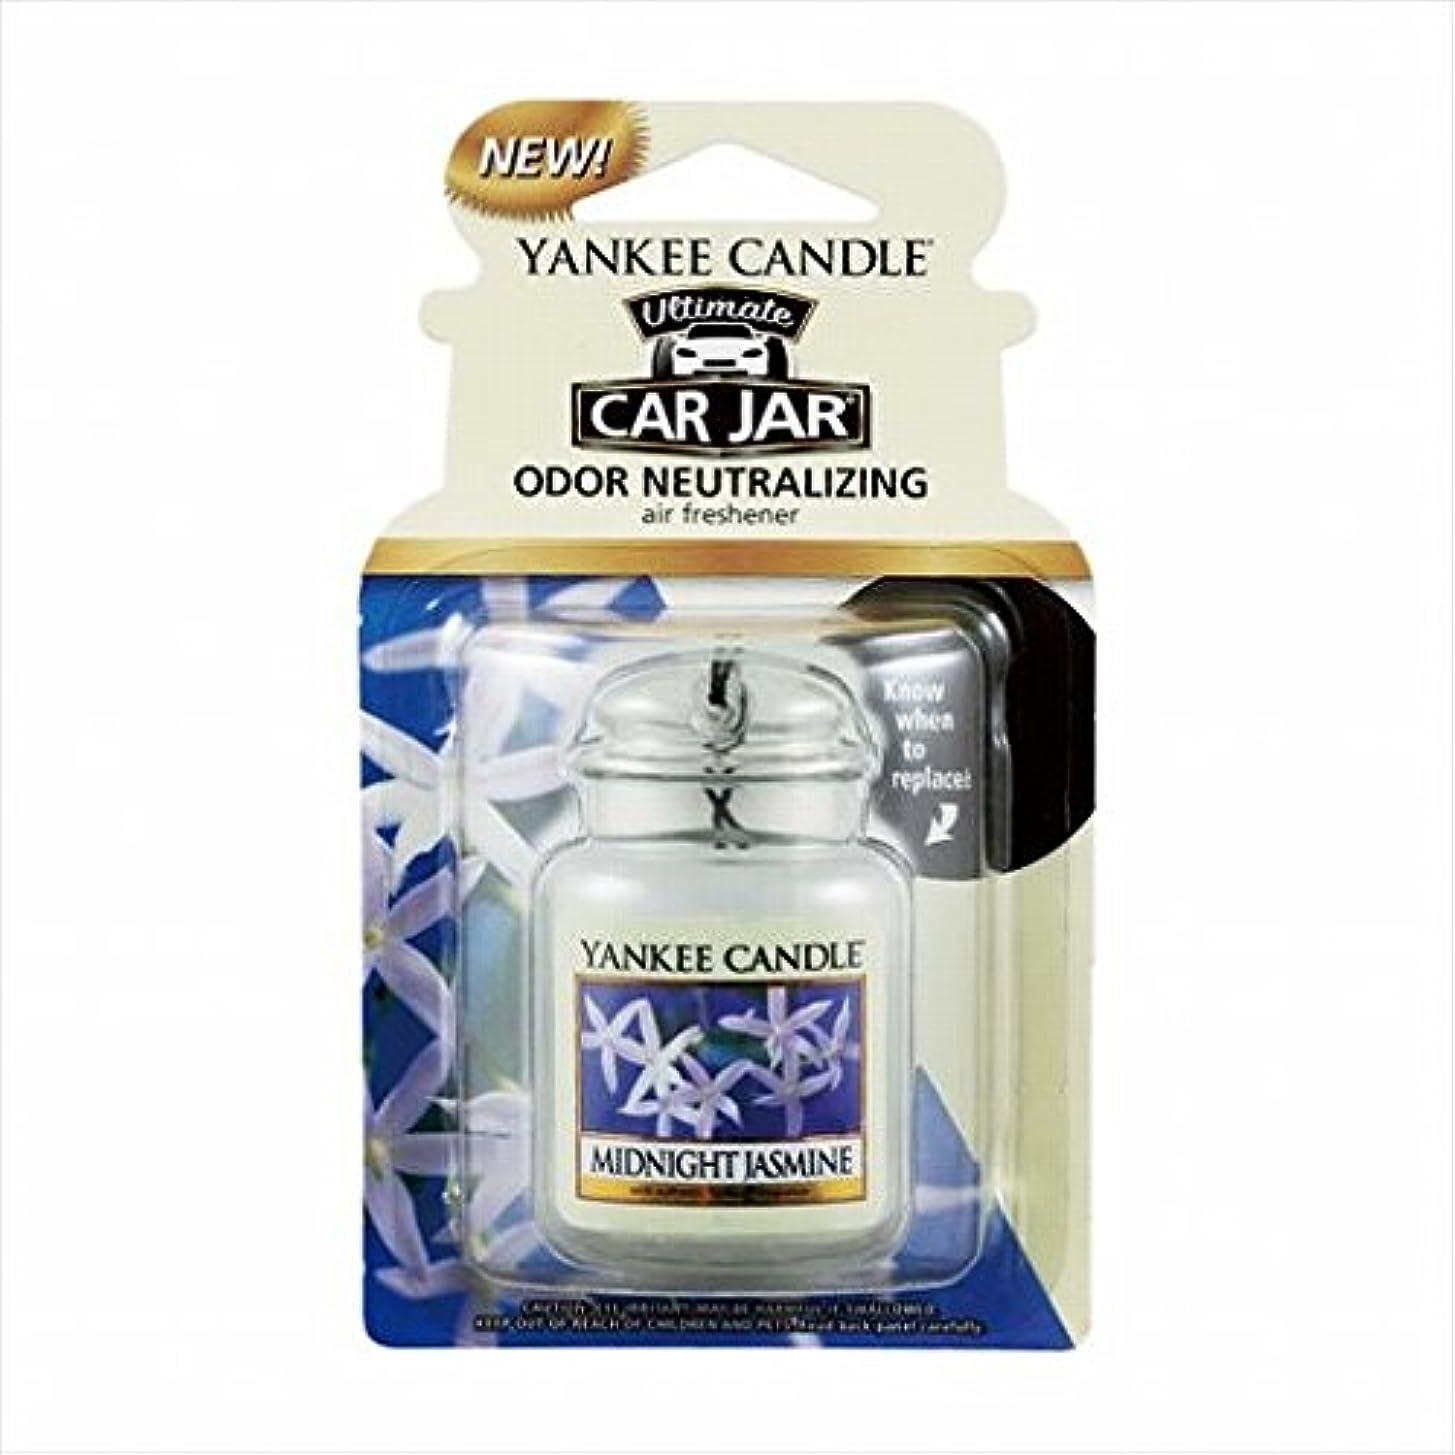 タイマー昇る急降下カメヤマキャンドル( kameyama candle ) YANKEE CANDLE ネオカージャー 「 ミッドナイトジャスミン 」